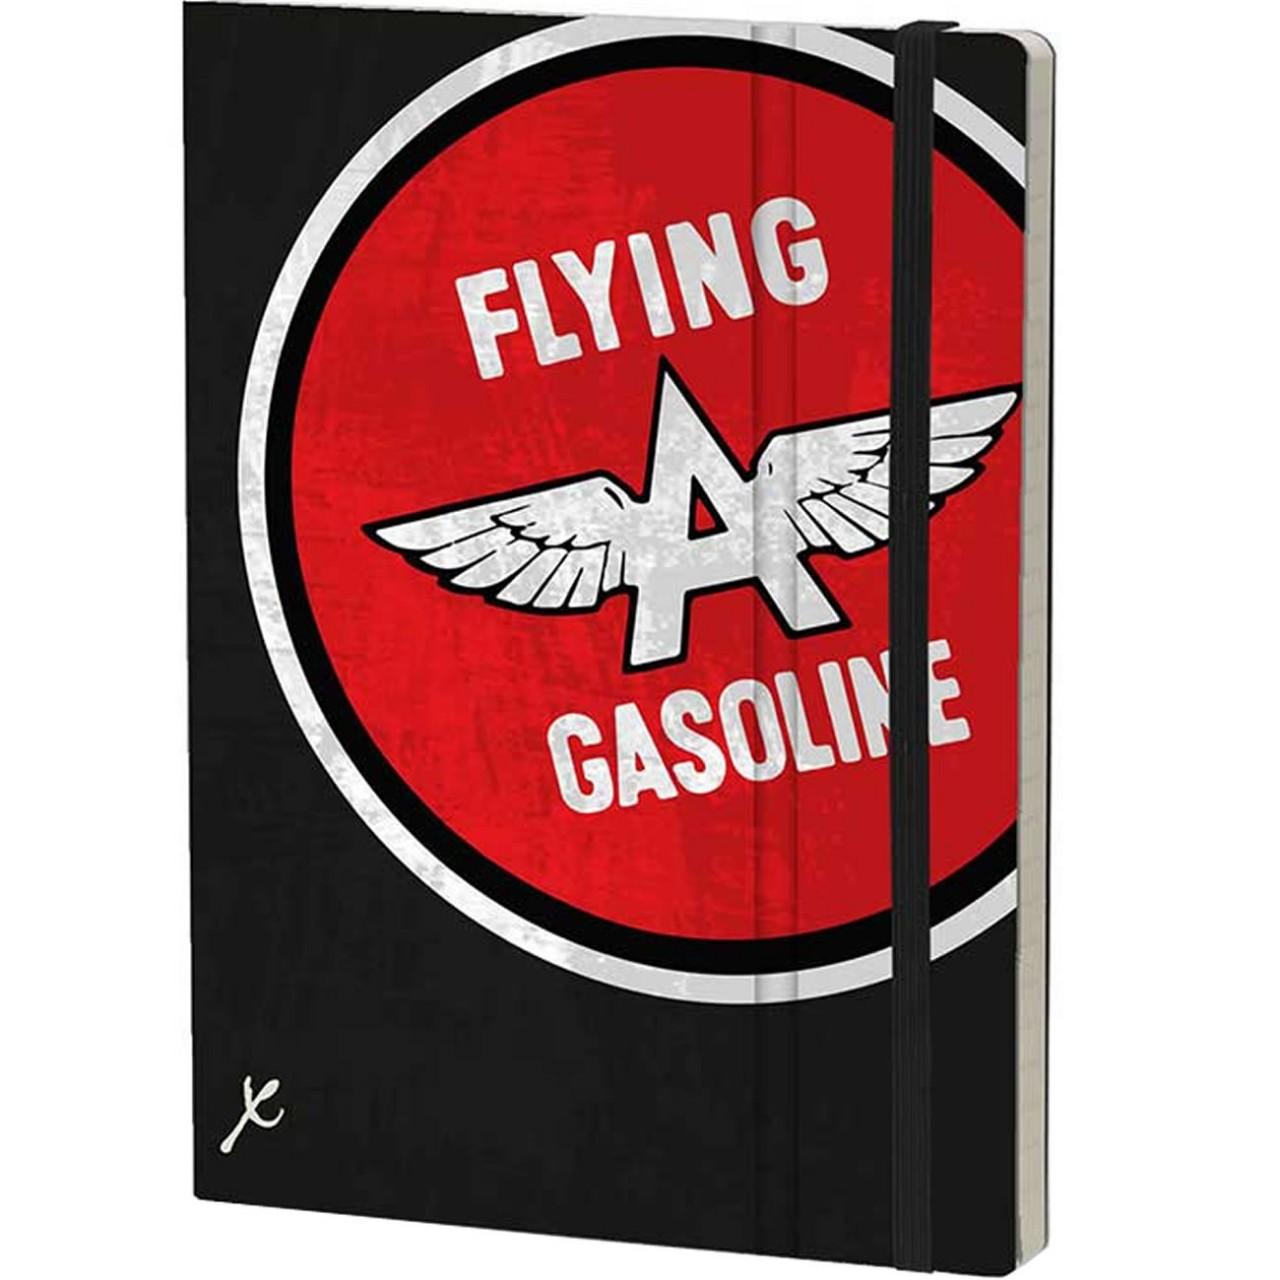 Stifflexible Notizbuch GASOLINE 15 x 21 cm 192 S., FLYING